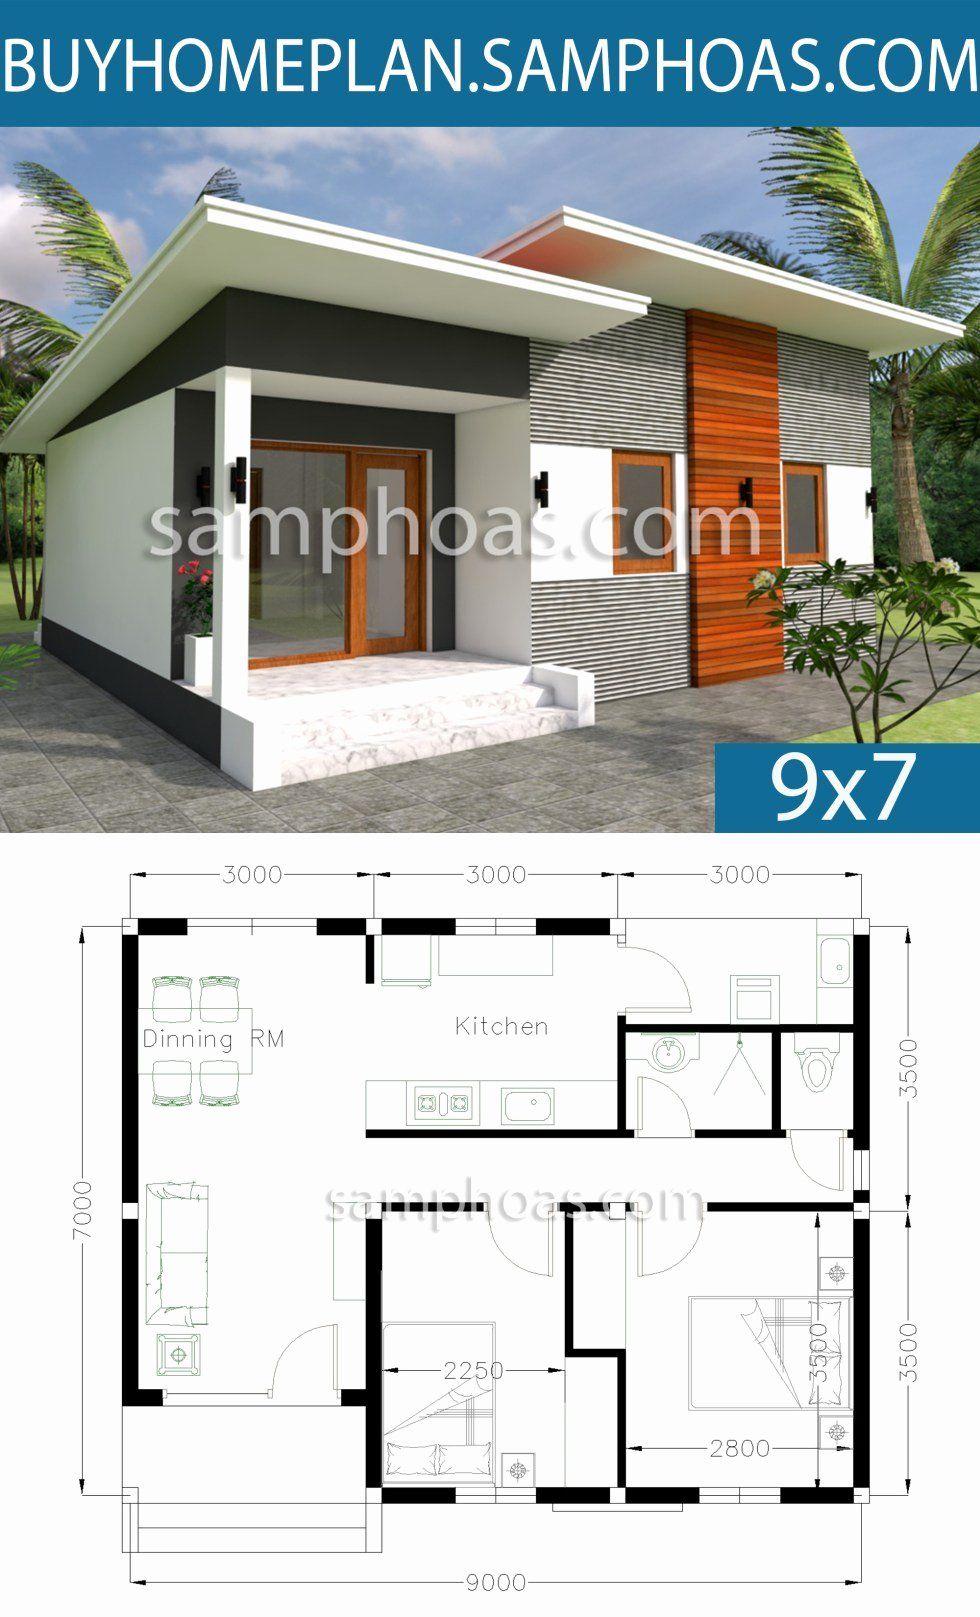 3d 2 Bedroom House Plans Fresh House Plans 9x7m With 2 Bedrooms In 2020 House Roof Design House Plans My House Plans